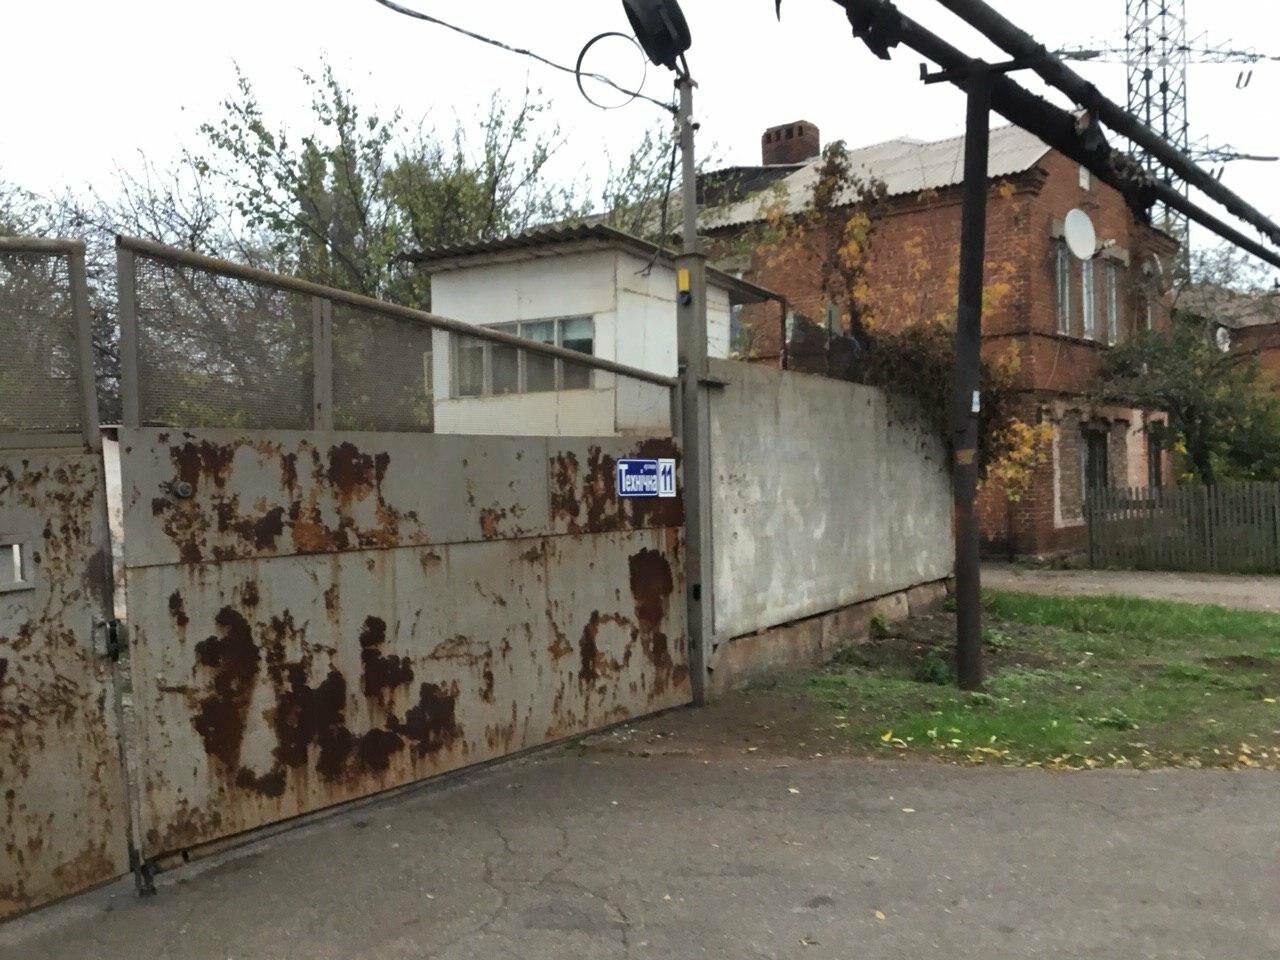 Отопительный сезон: как выглядит теплотрасса на улице Технической в Кривом Роге, - ФОТО, ВИДЕО, фото-9